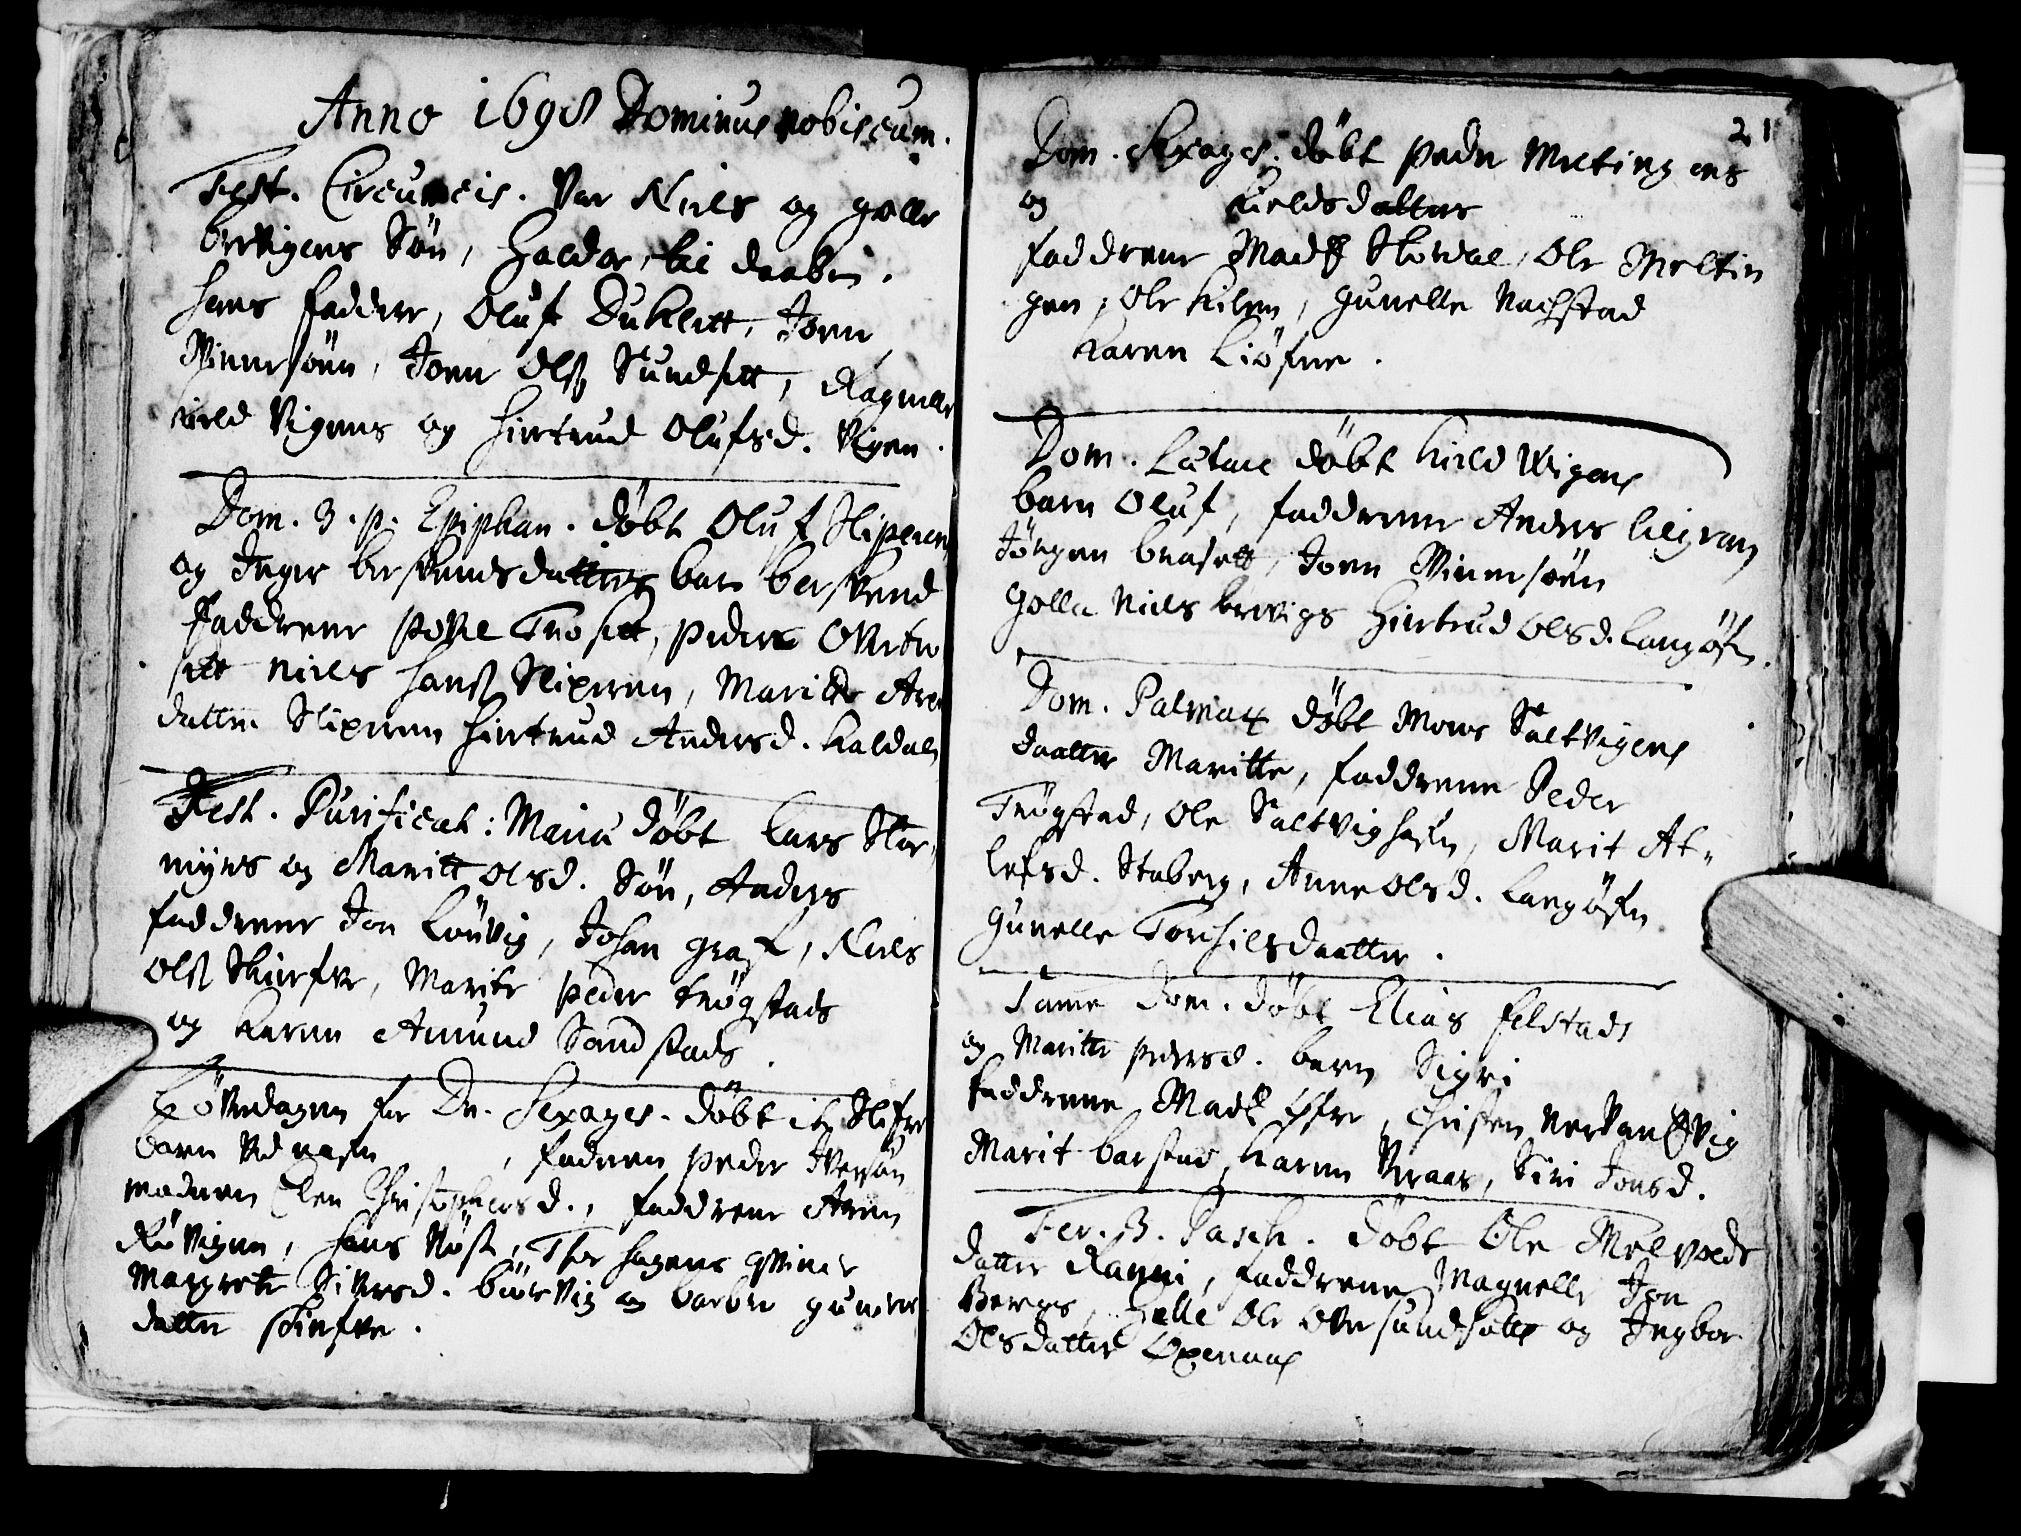 SAT, Ministerialprotokoller, klokkerbøker og fødselsregistre - Nord-Trøndelag, 722/L0214: Ministerialbok nr. 722A01, 1692-1718, s. 21